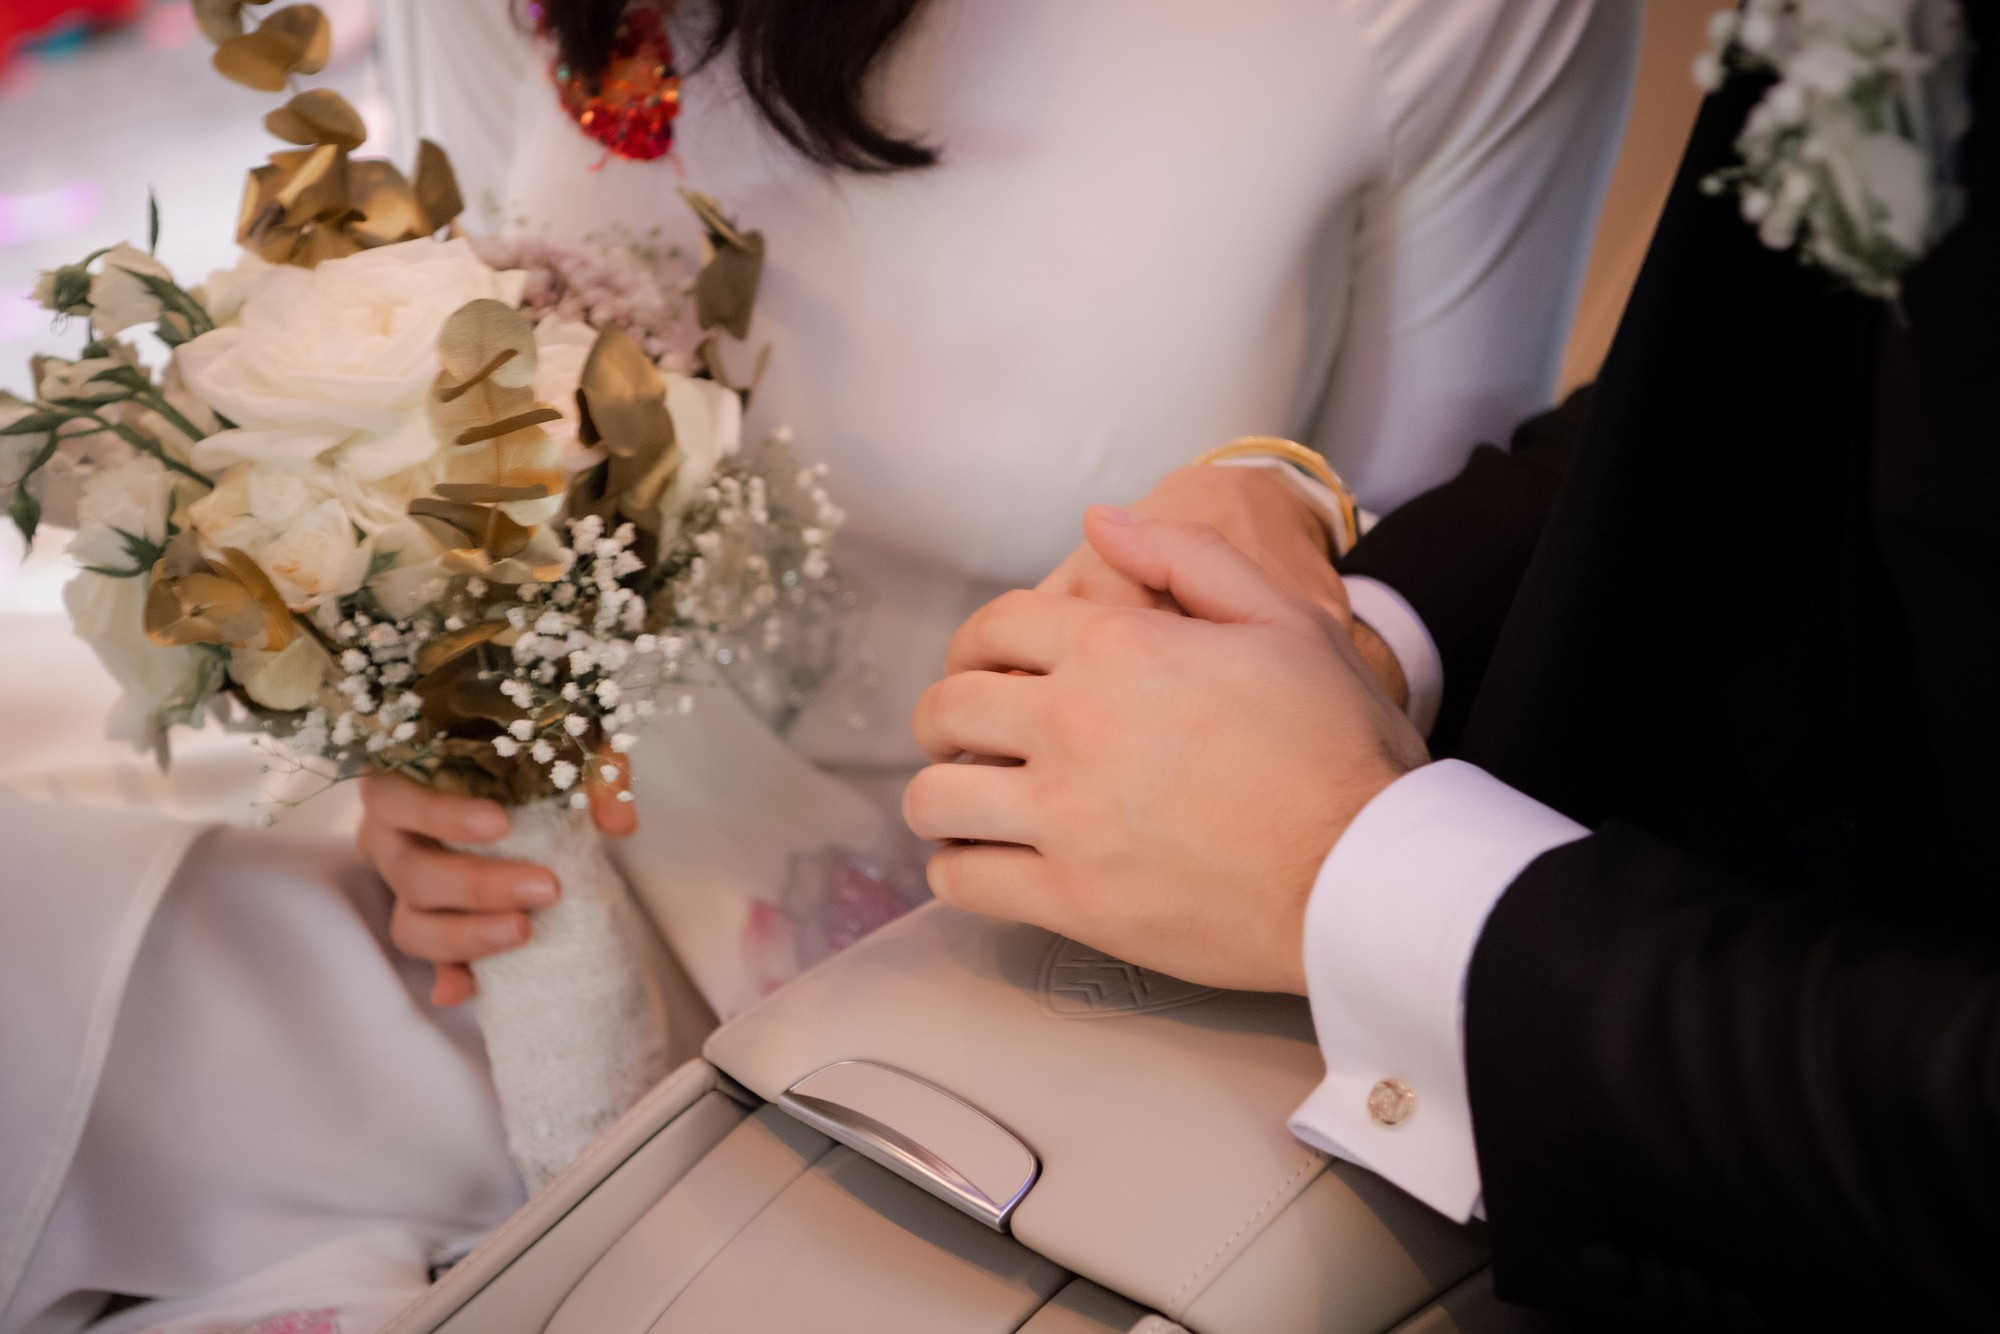 Toàn cảnh lễ đón dâu tại nhà phố cổ của siêu mẫu Phương Mai: Chú rể xuất hiện cùng đoàn xe sang, cô dâu òa khóc ôm chặt mẹ ruột-13